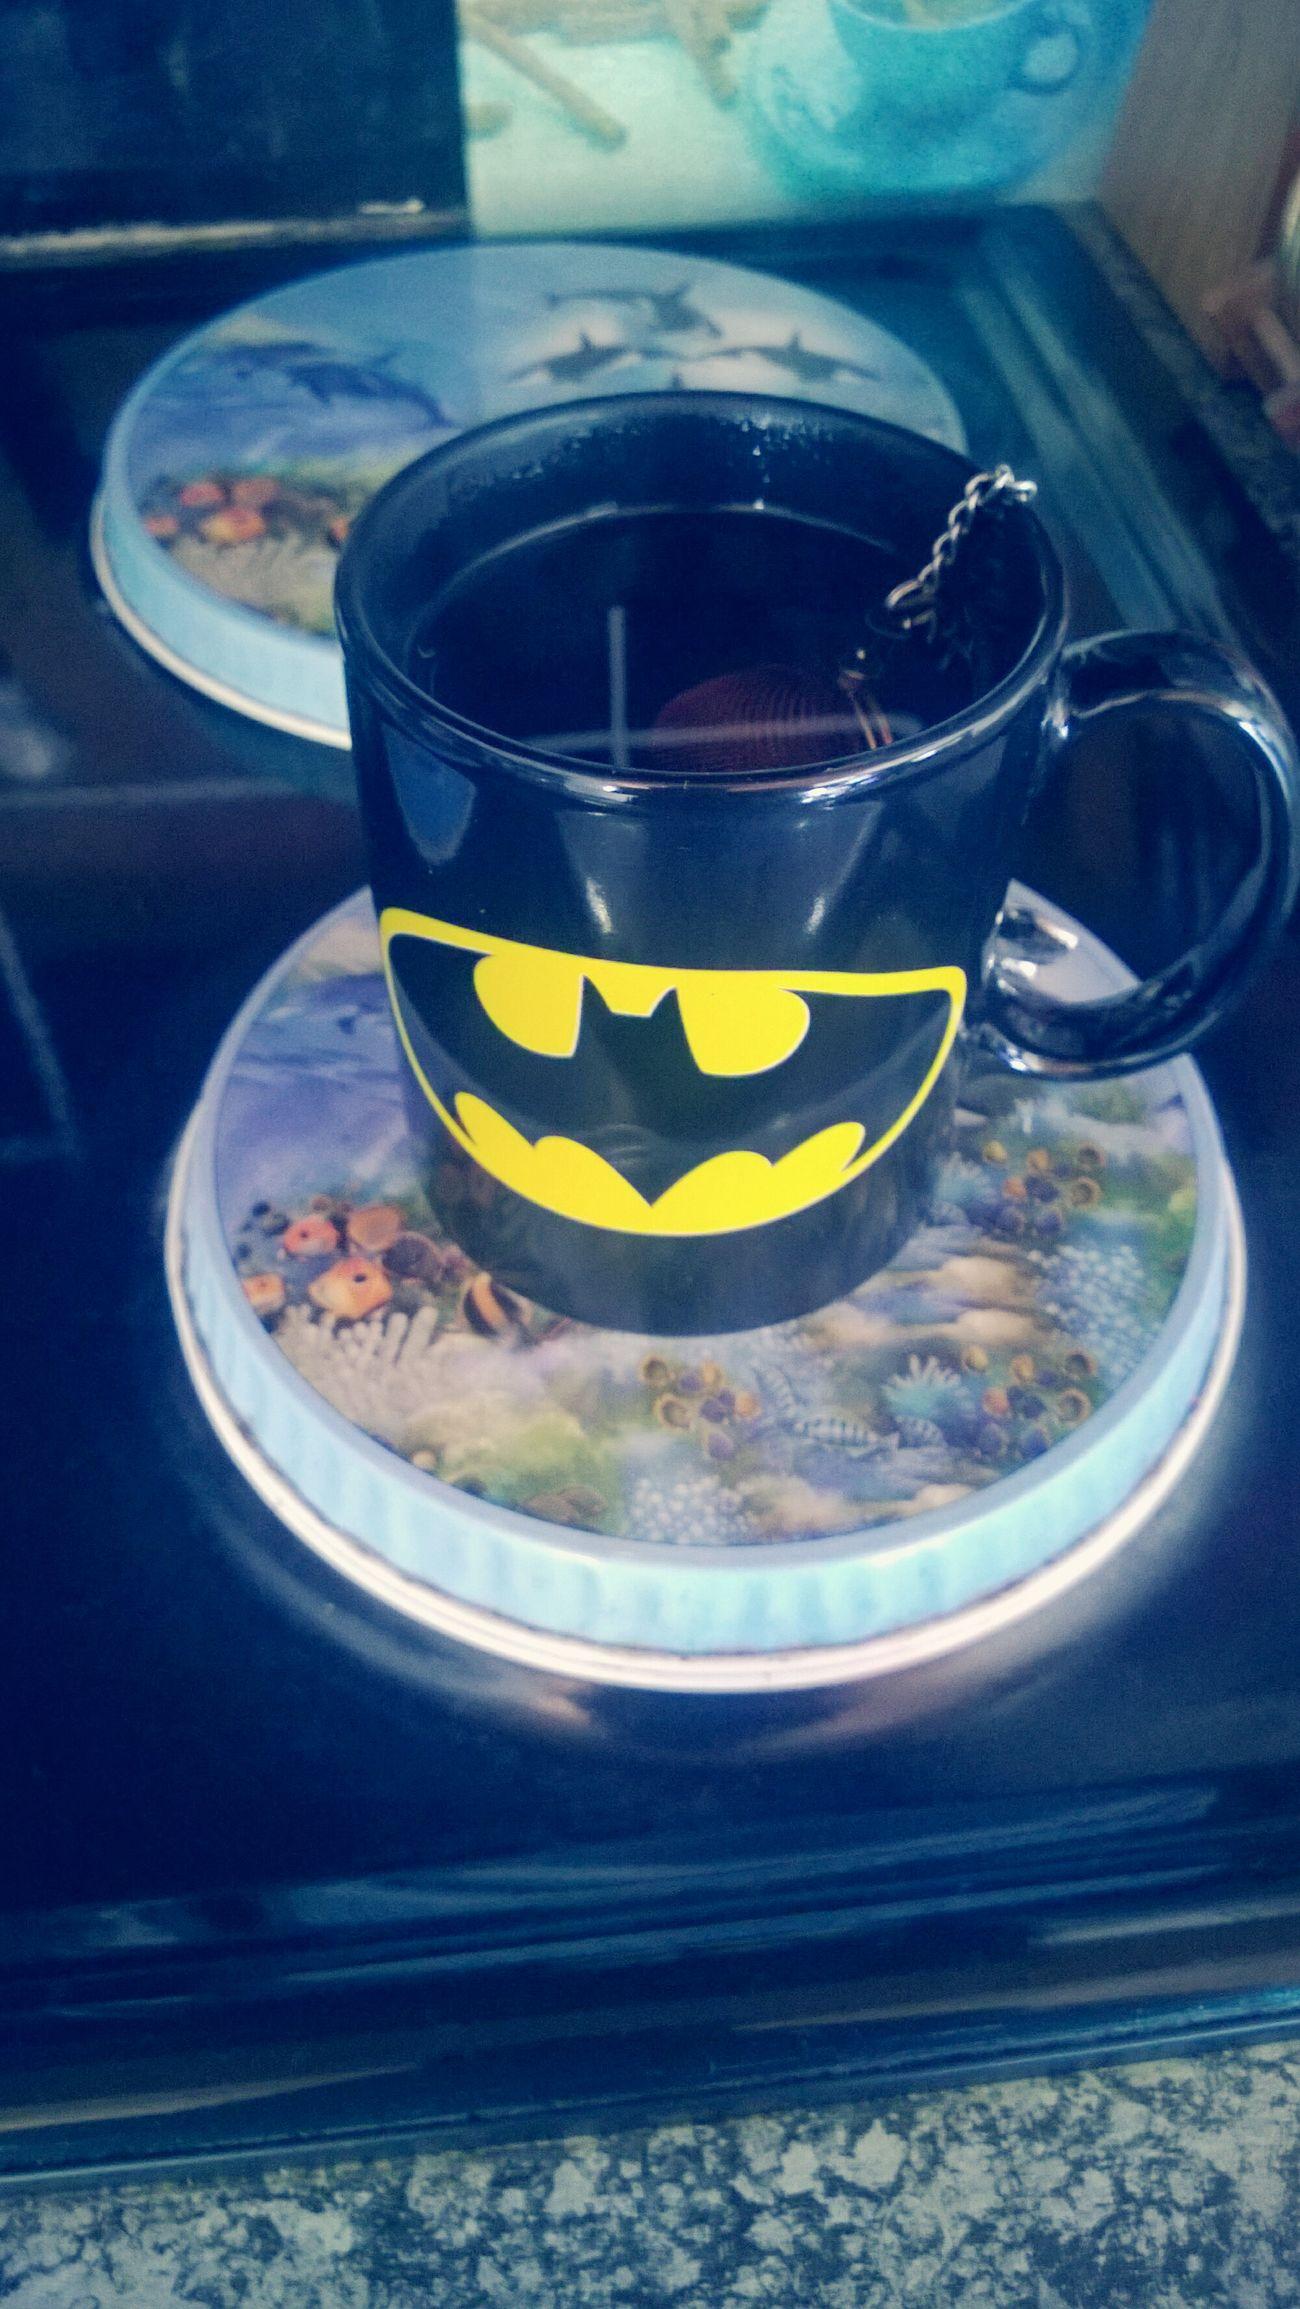 Batman Muglove Drinkingtea